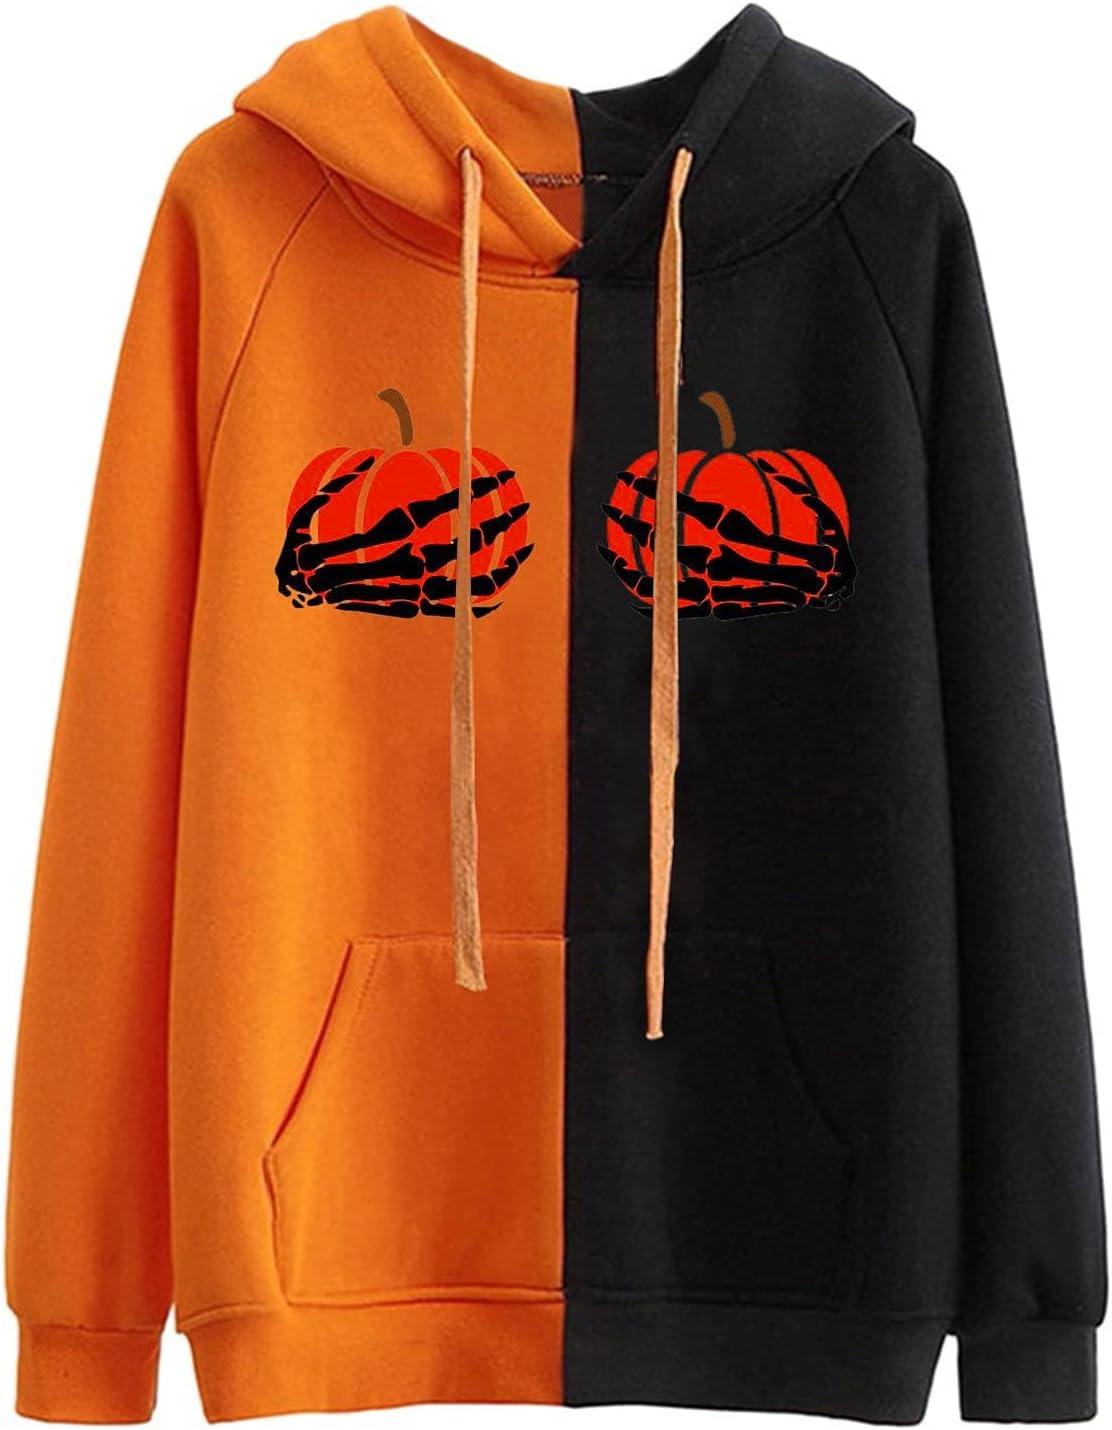 TIANMING It is very popular Halloween Hoodie for Sweatshirt Women Skeleton Pumpkin Selling and selling